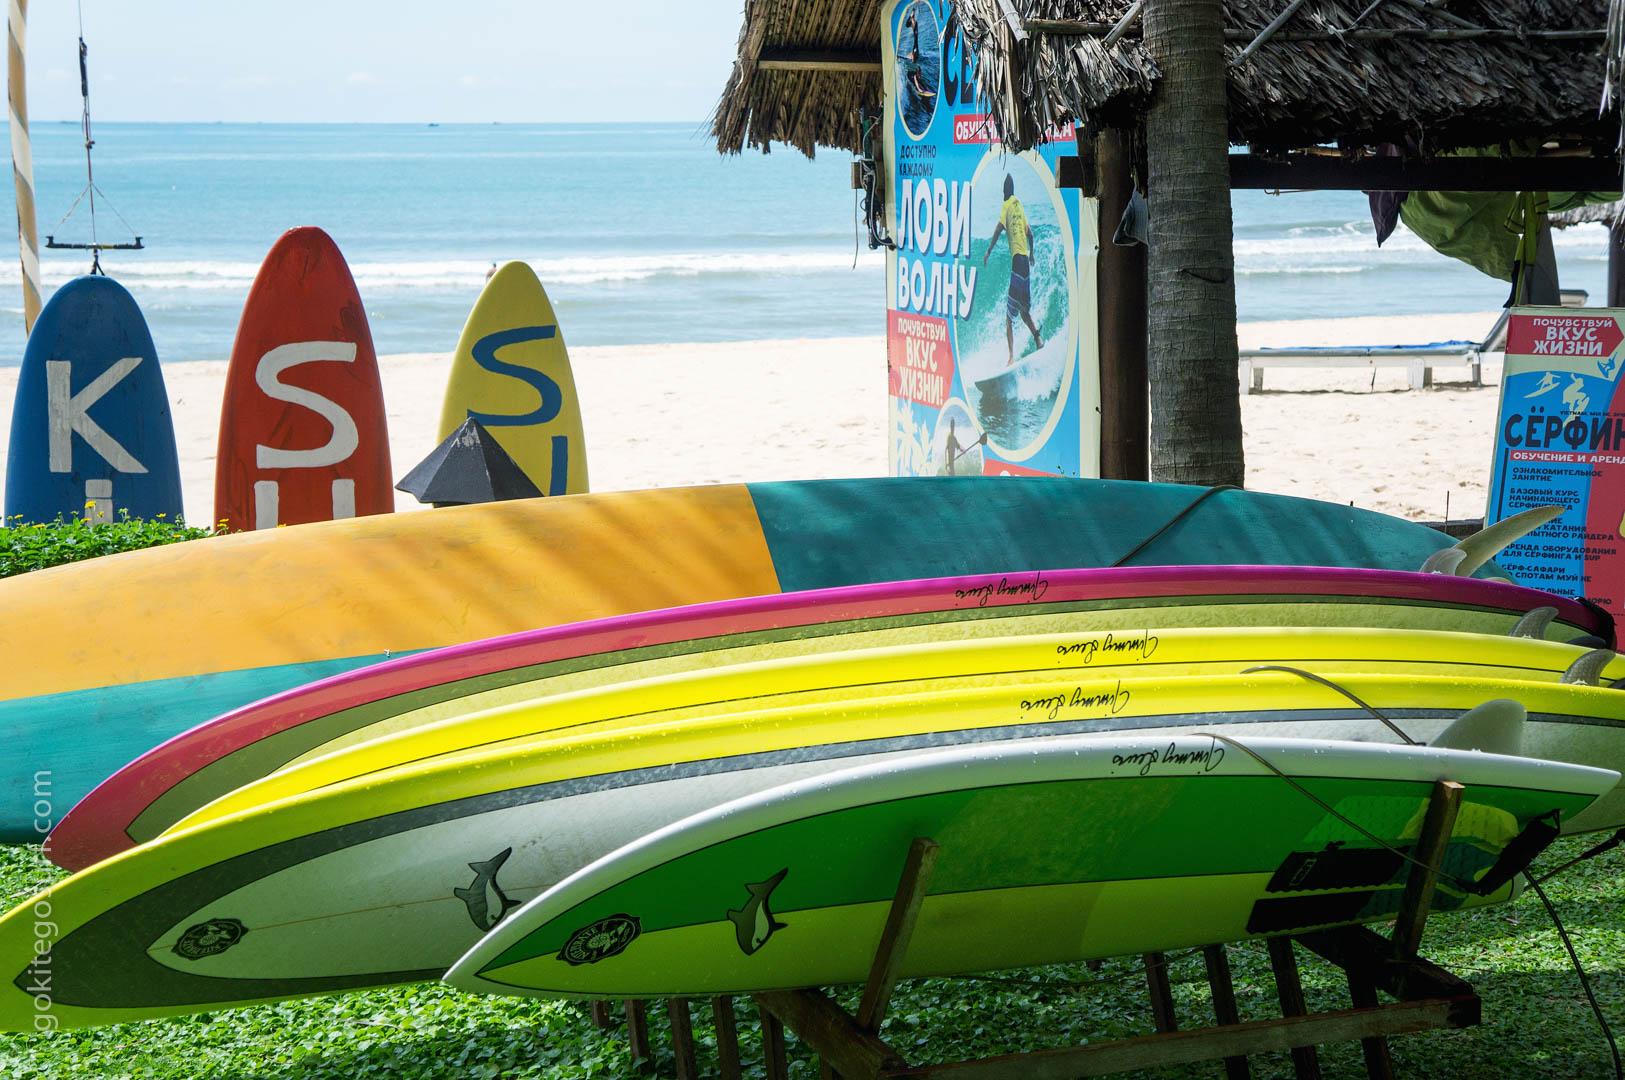 School Surfboards